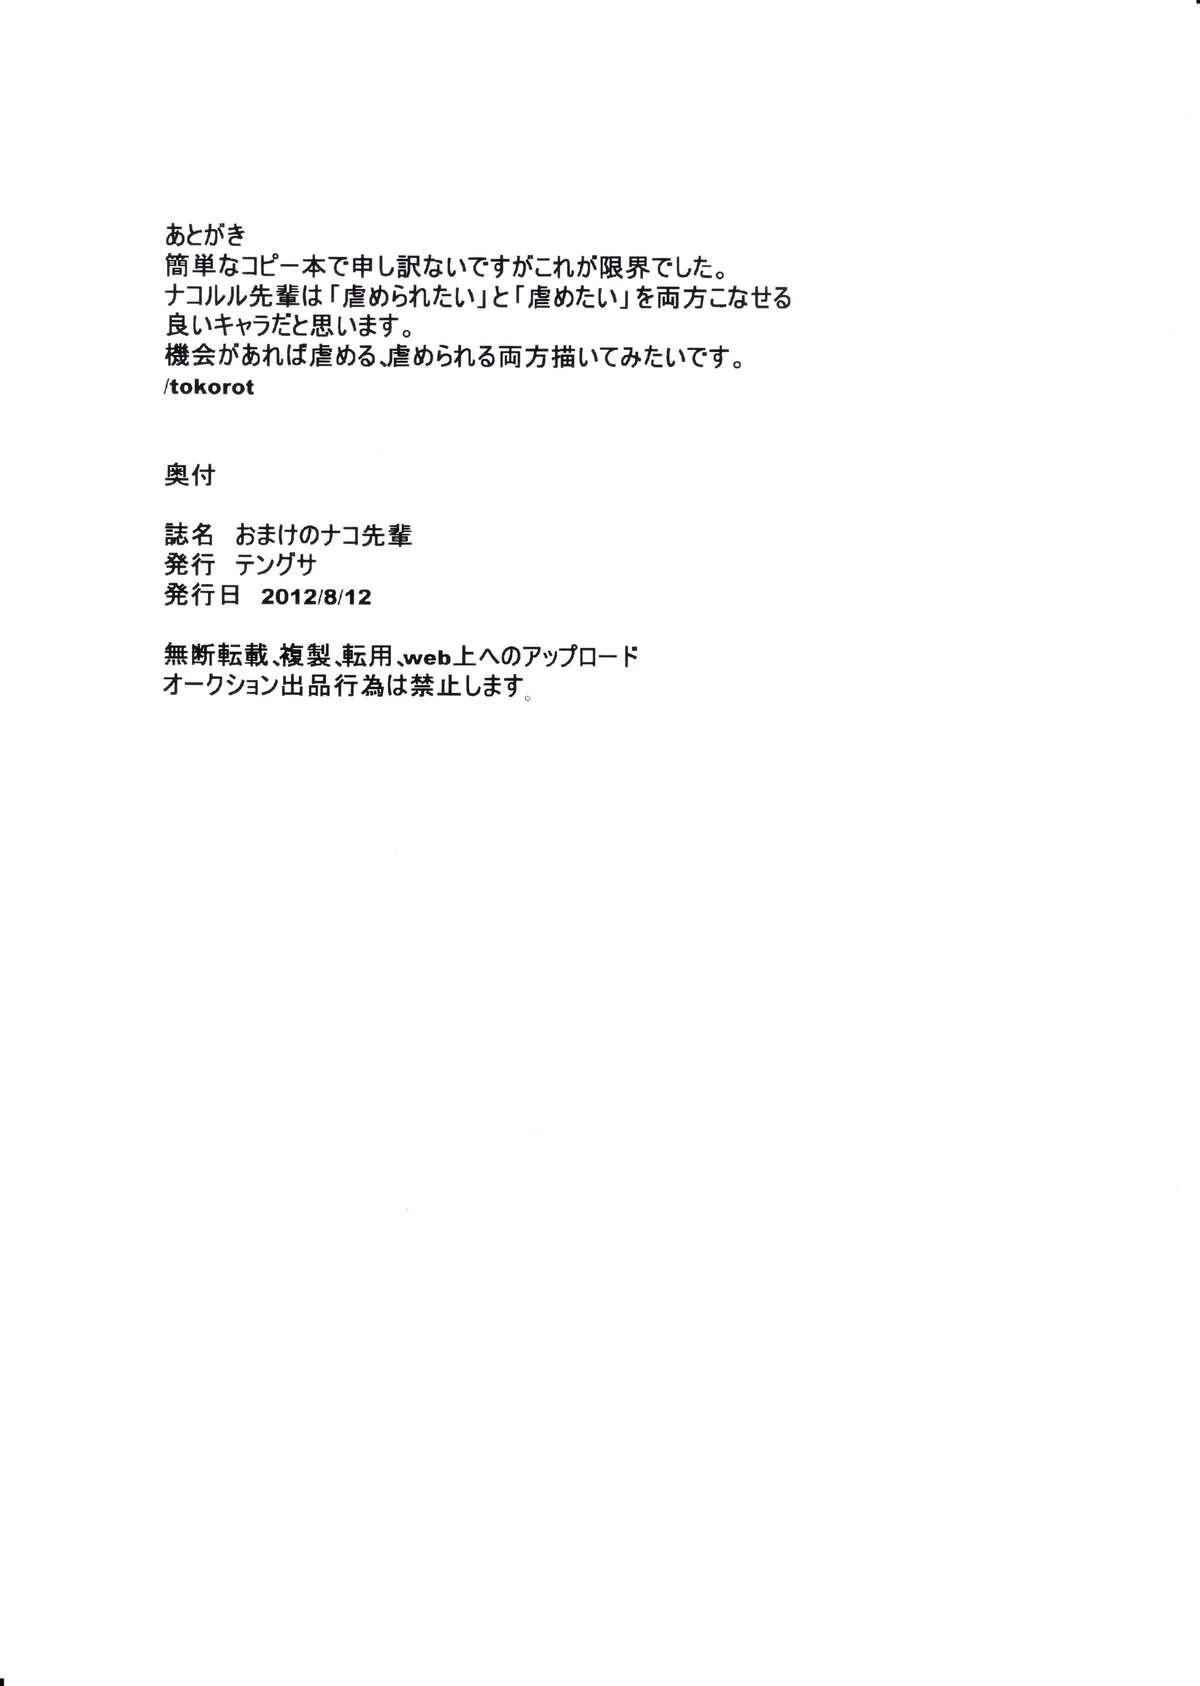 Omake no Nako Senpai 5